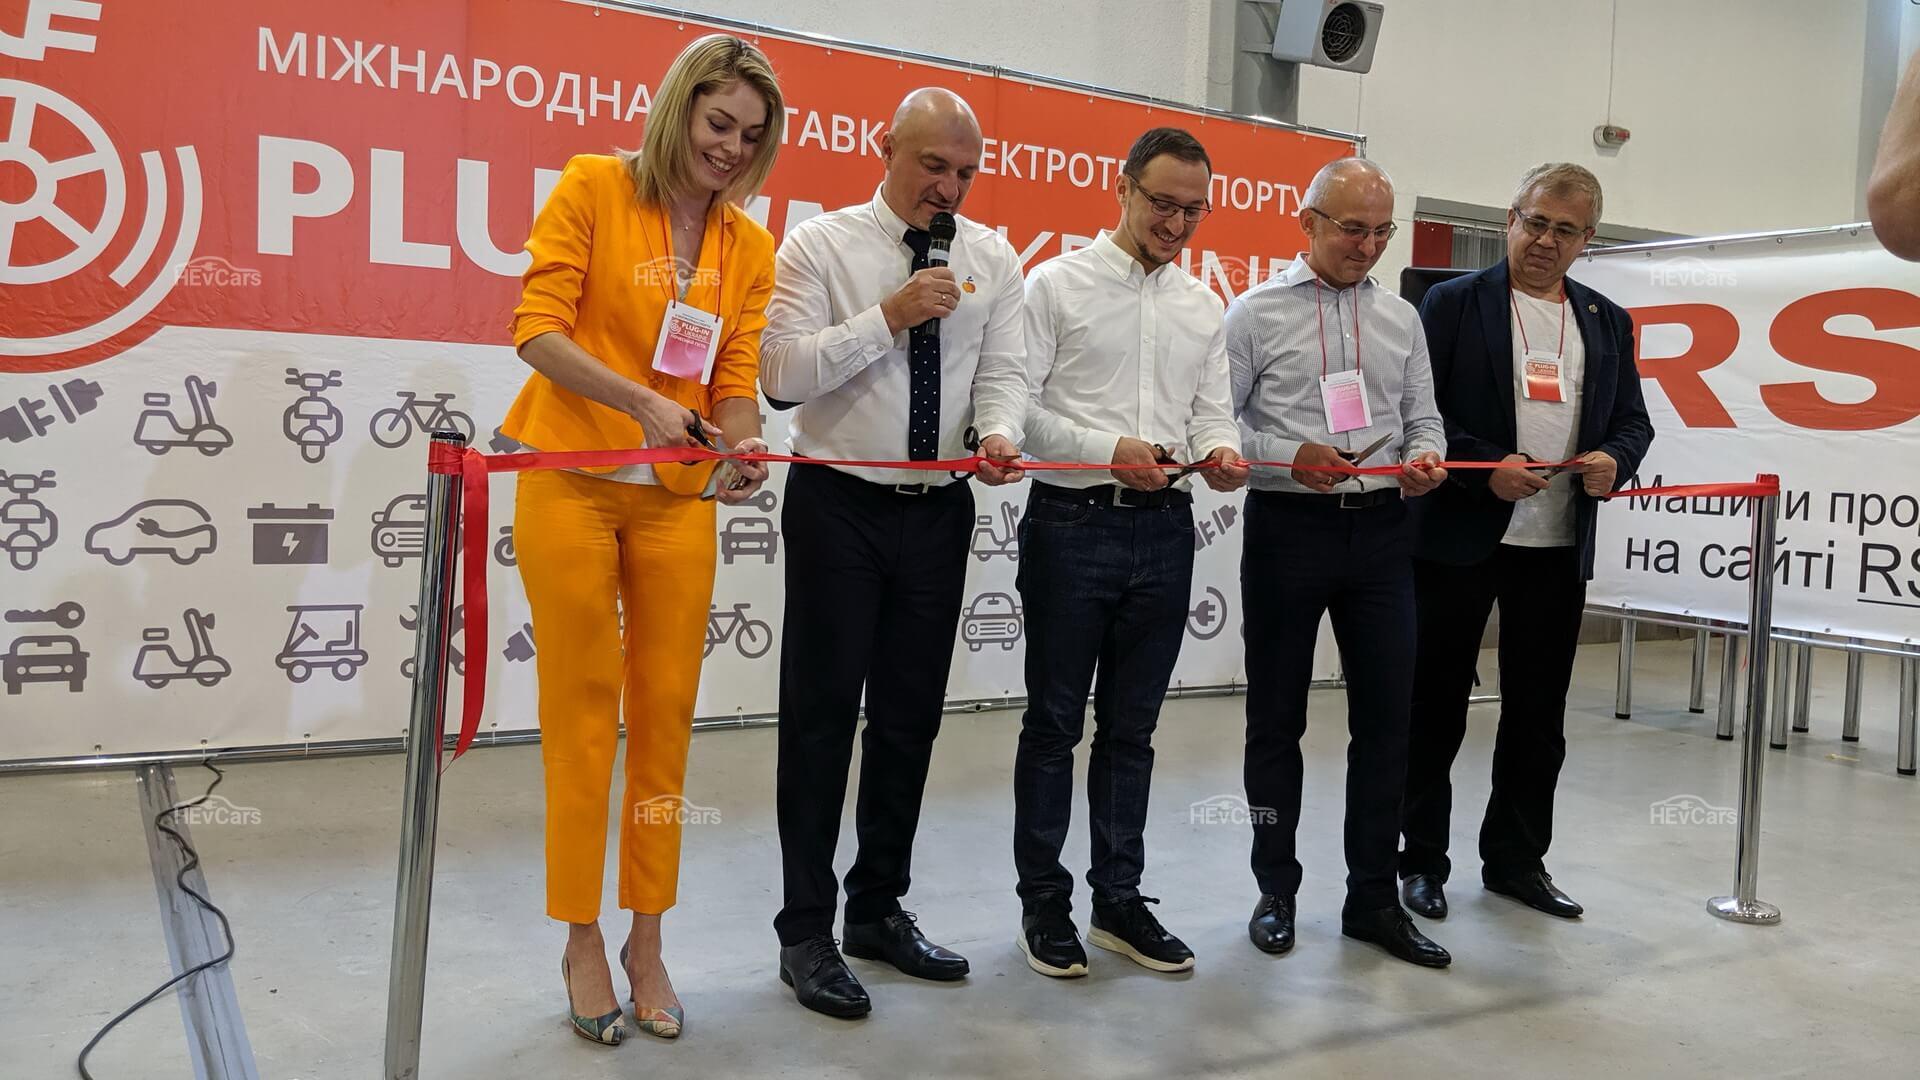 Официальное открытие выставки электротранспорта вУкраине Plug-In Ukraine 2019